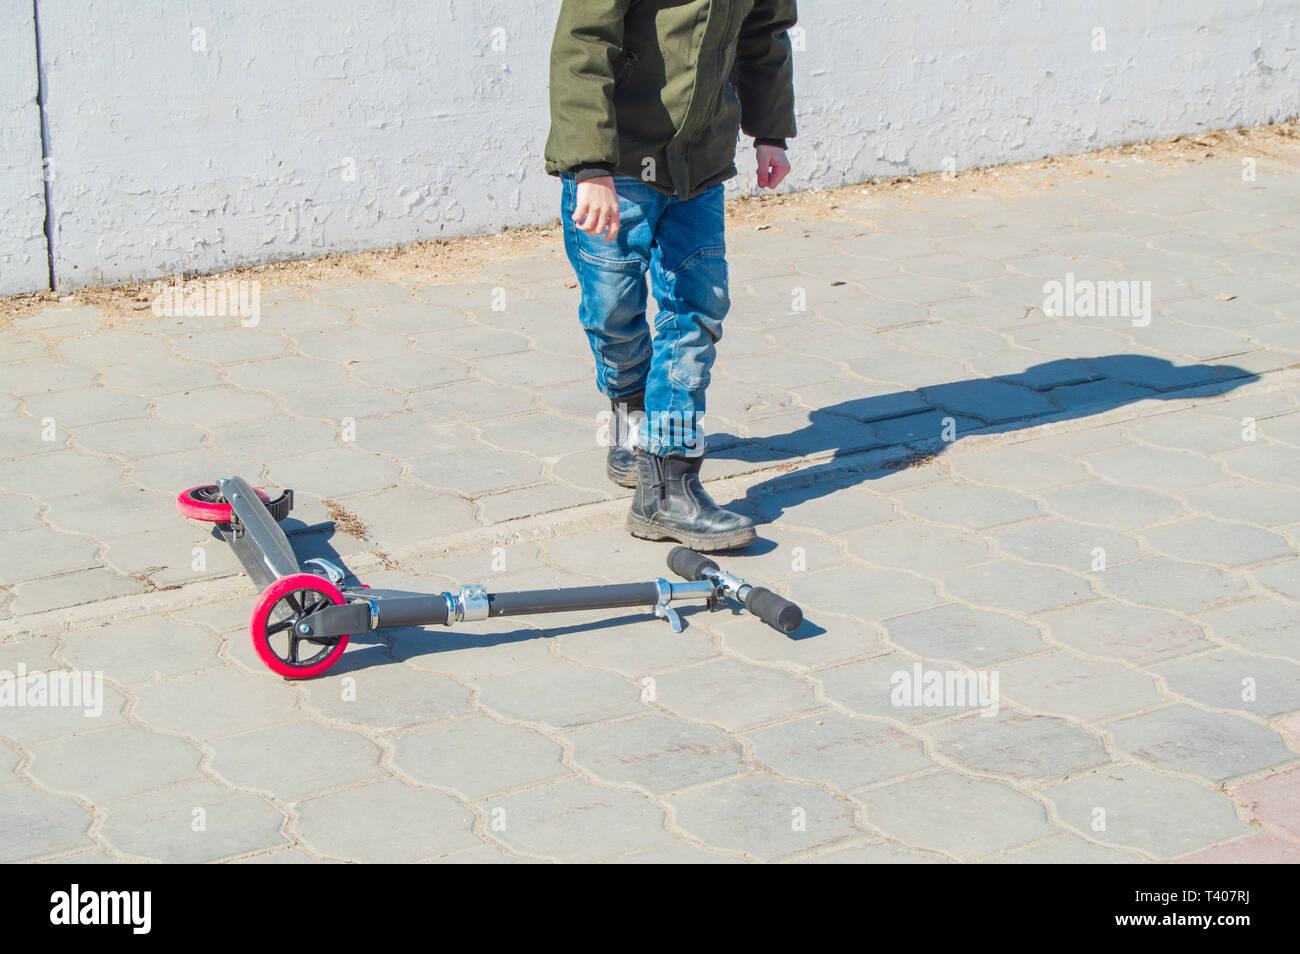 Jovencito En Una Chaqueta Verde Y Pantalones Vaqueros Levanta Su Scooter Despues De Una Caida En El Abierto En El Parque De Entretenimiento Para Ninos En El Aire Fresco Fotografia De Stock